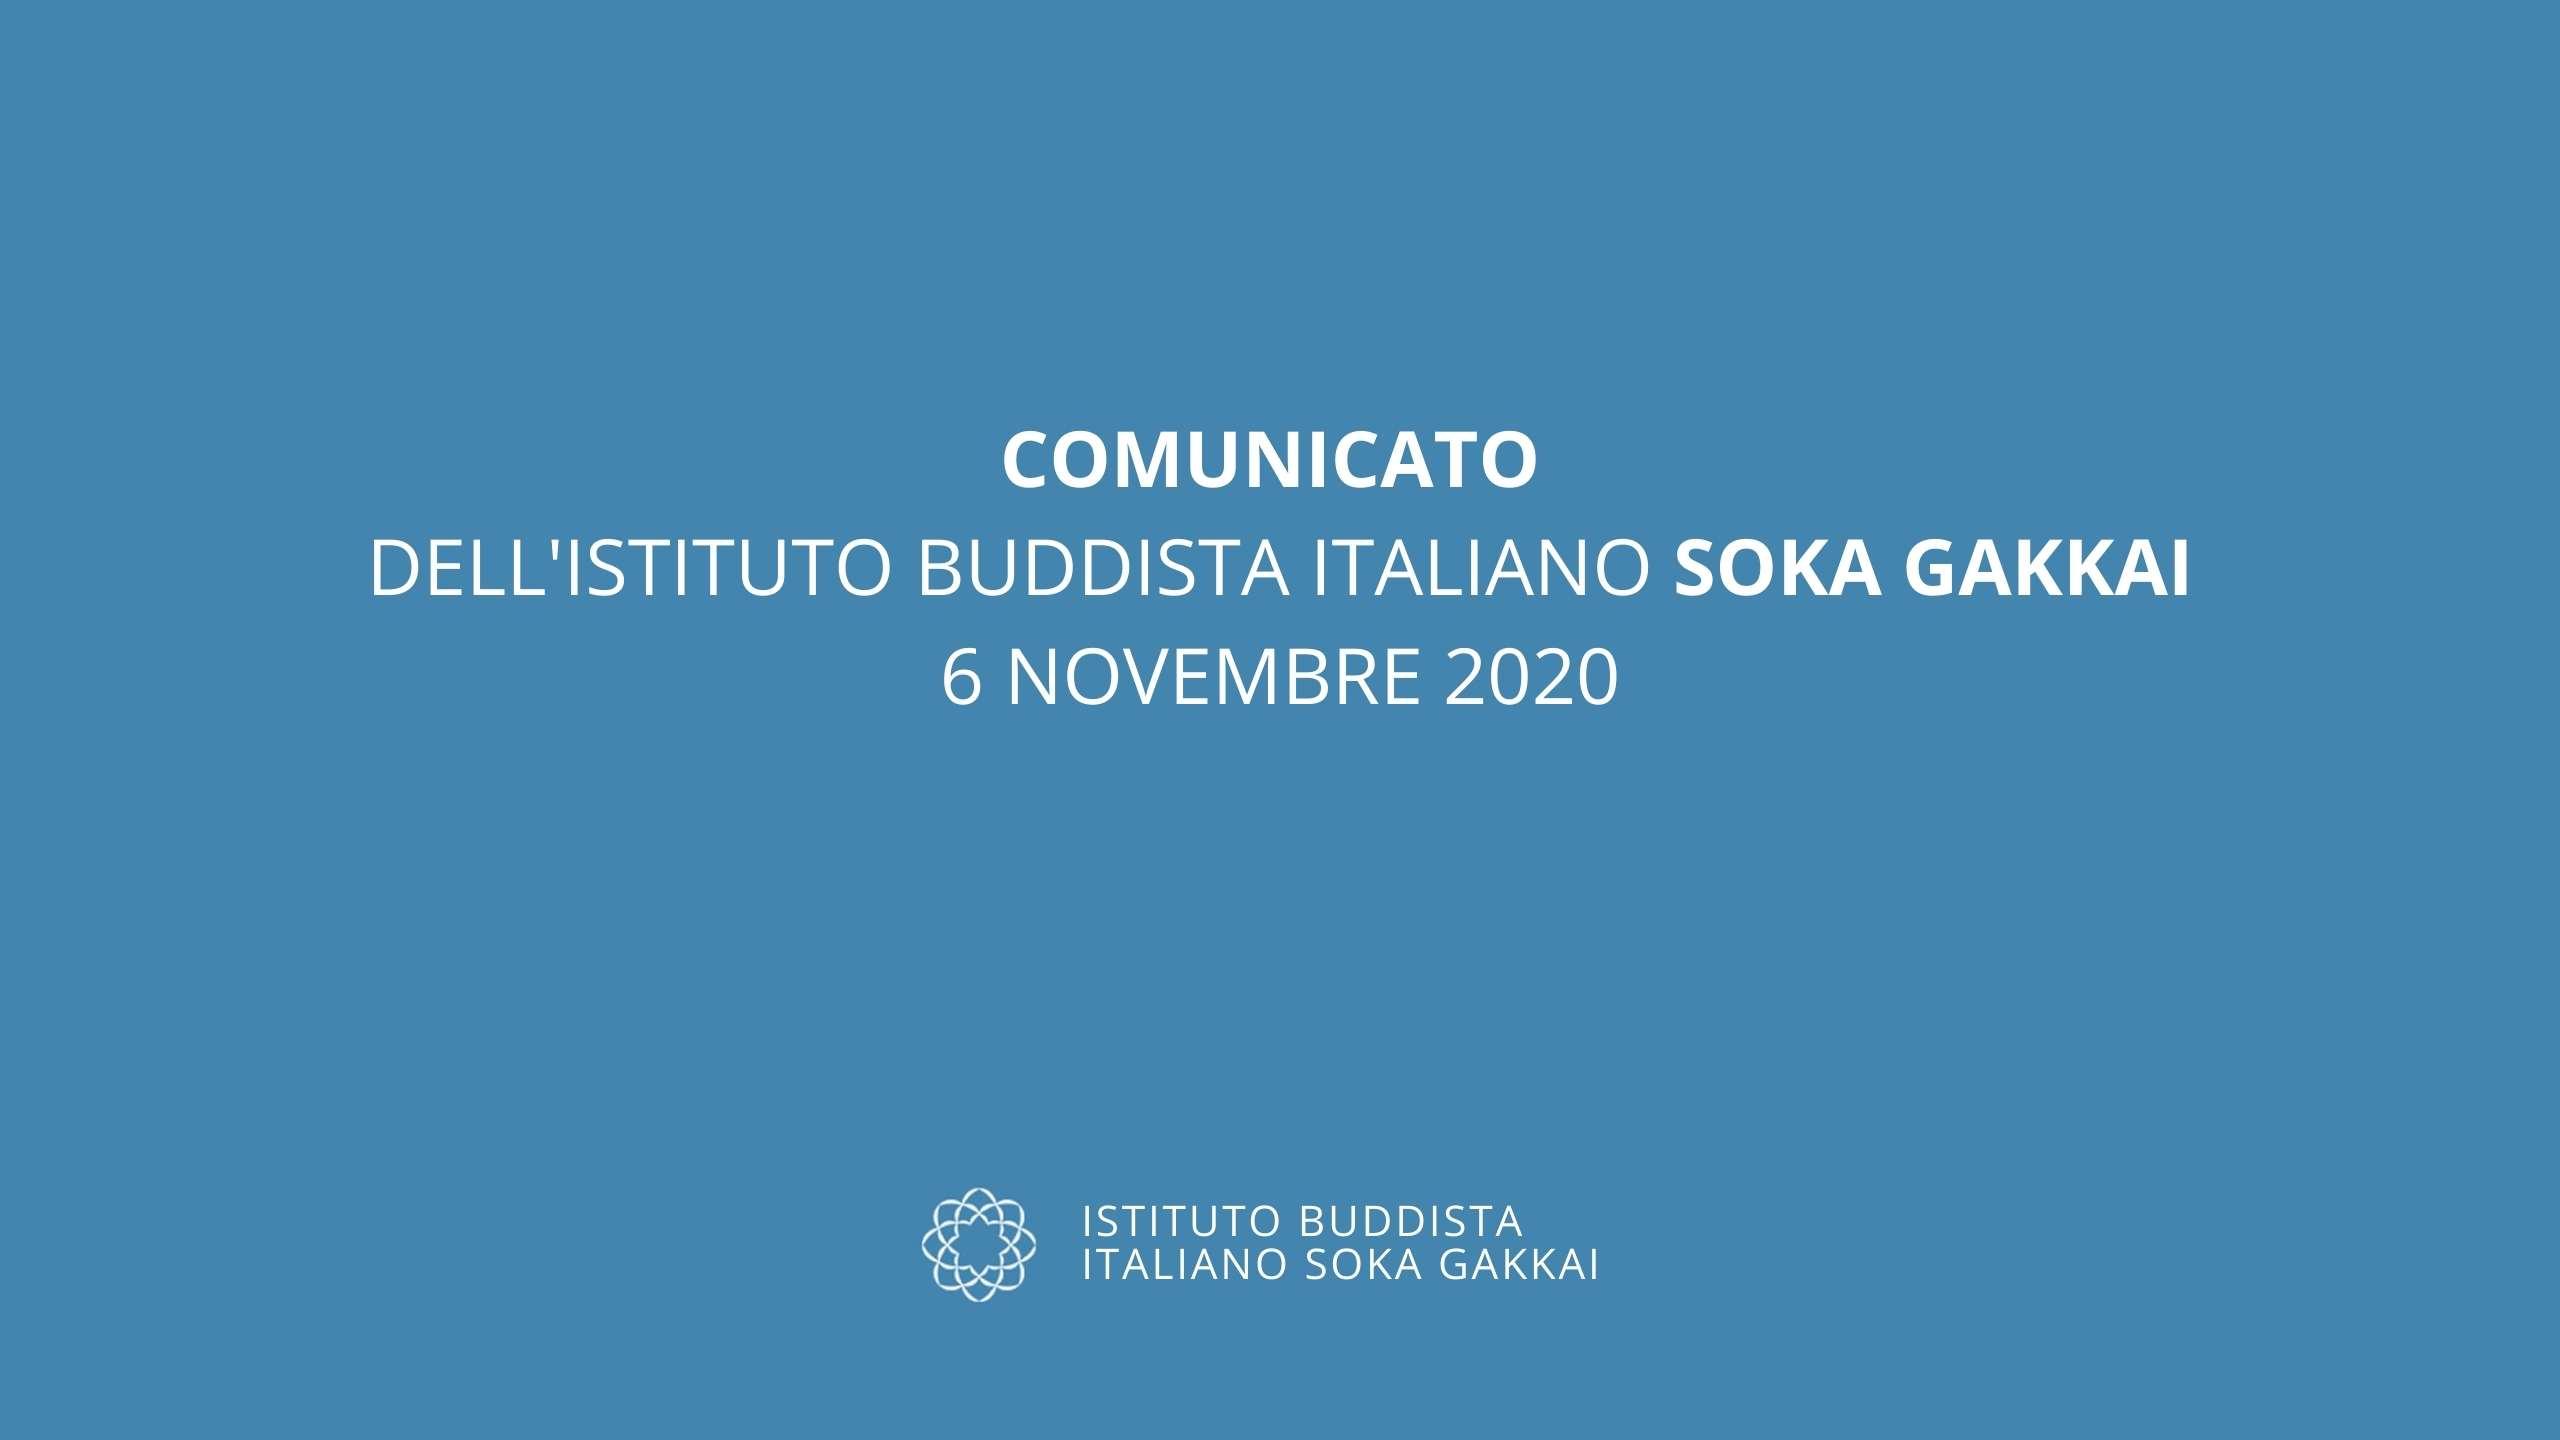 Comunicato 6 novembre 2020